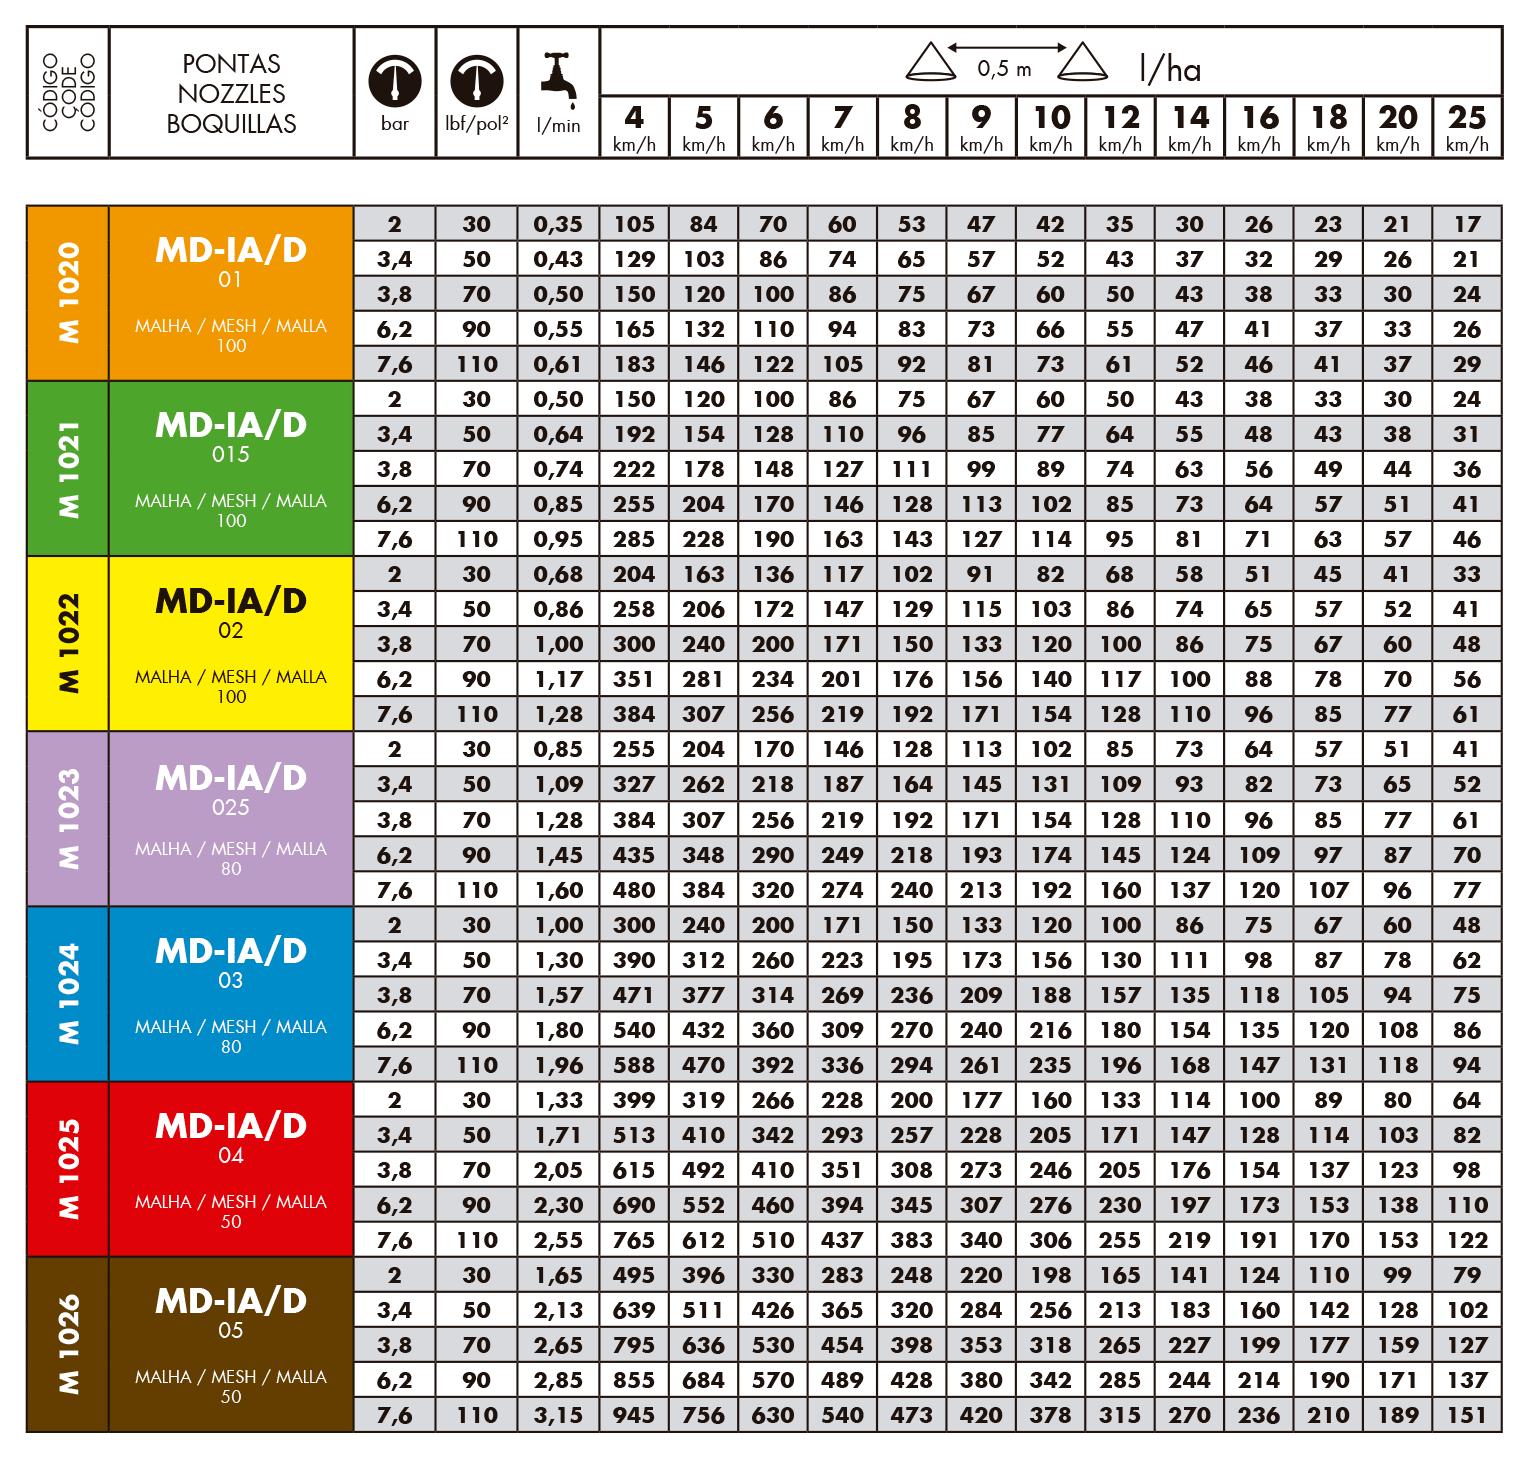 Tabela de vazão do bico de pulverização magnojet MDIA/D